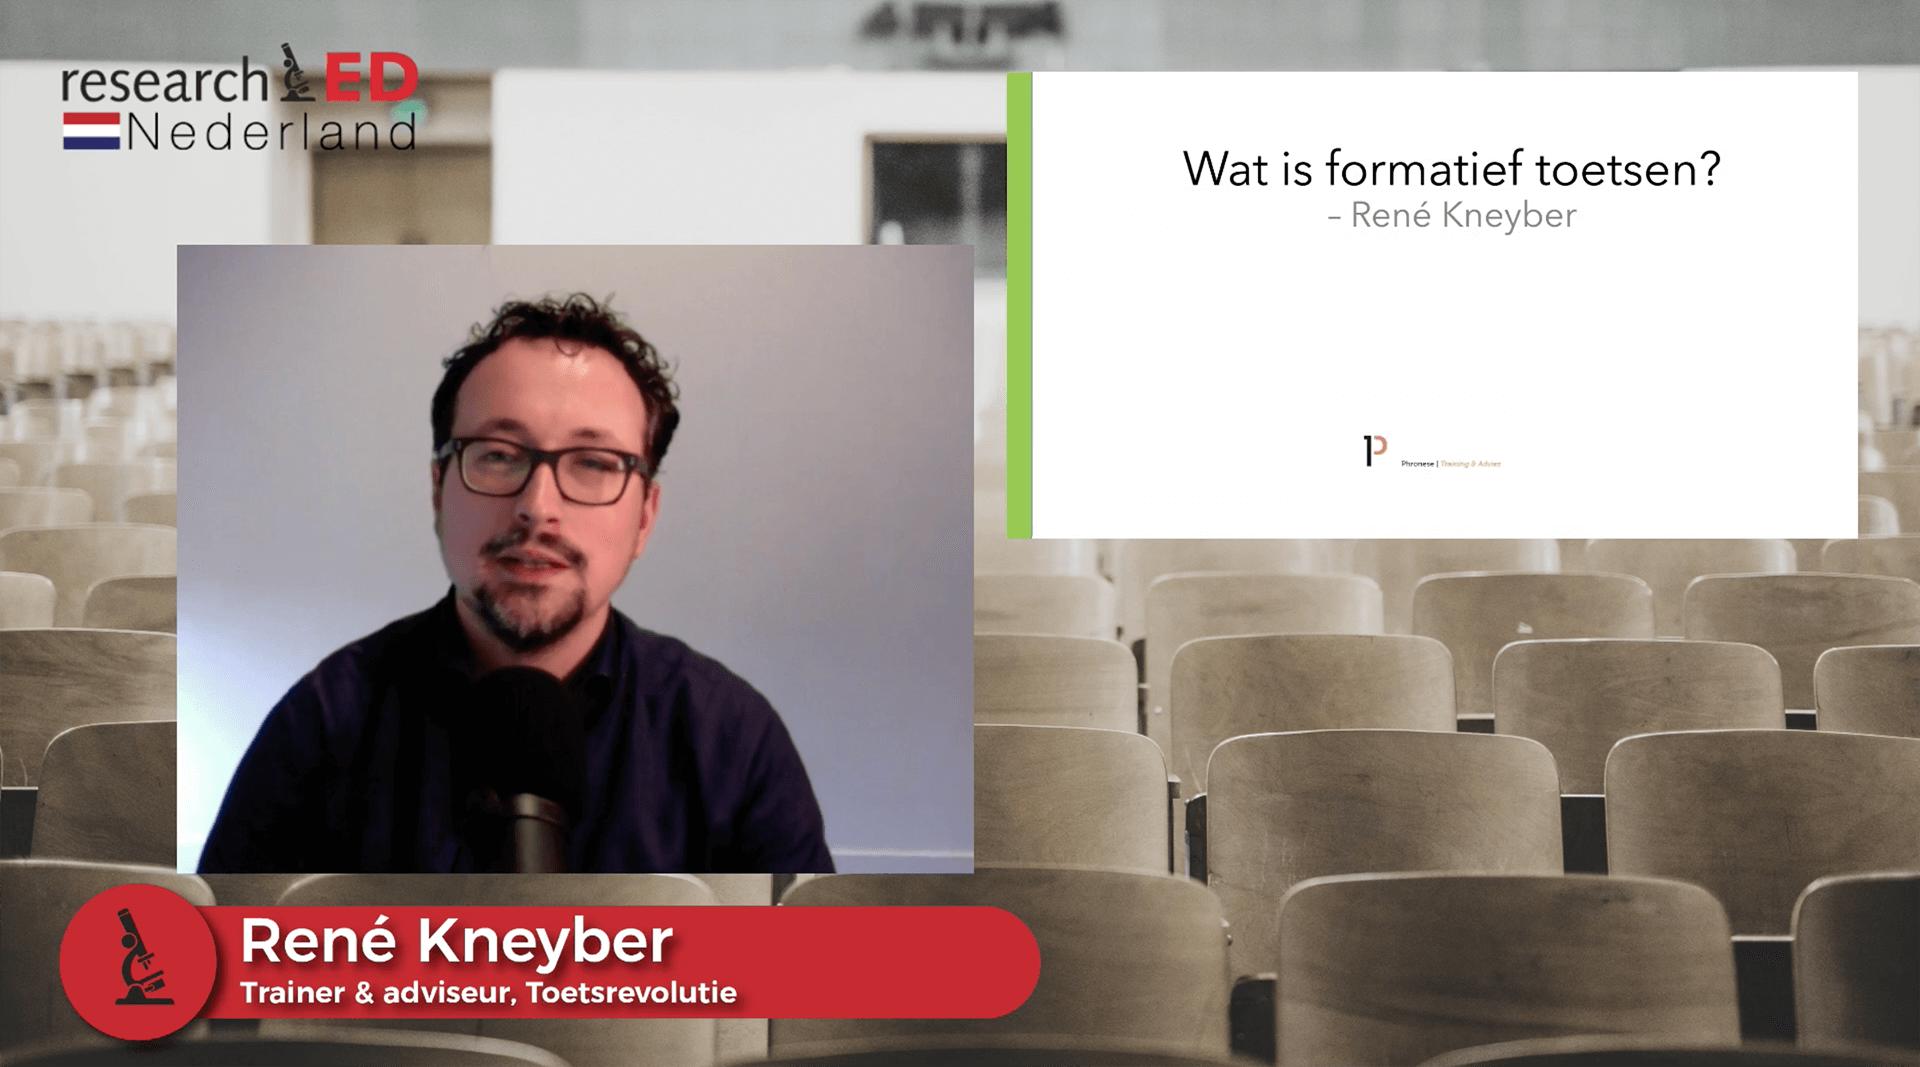 Ontmoet de onderzoeker: René Kneyber